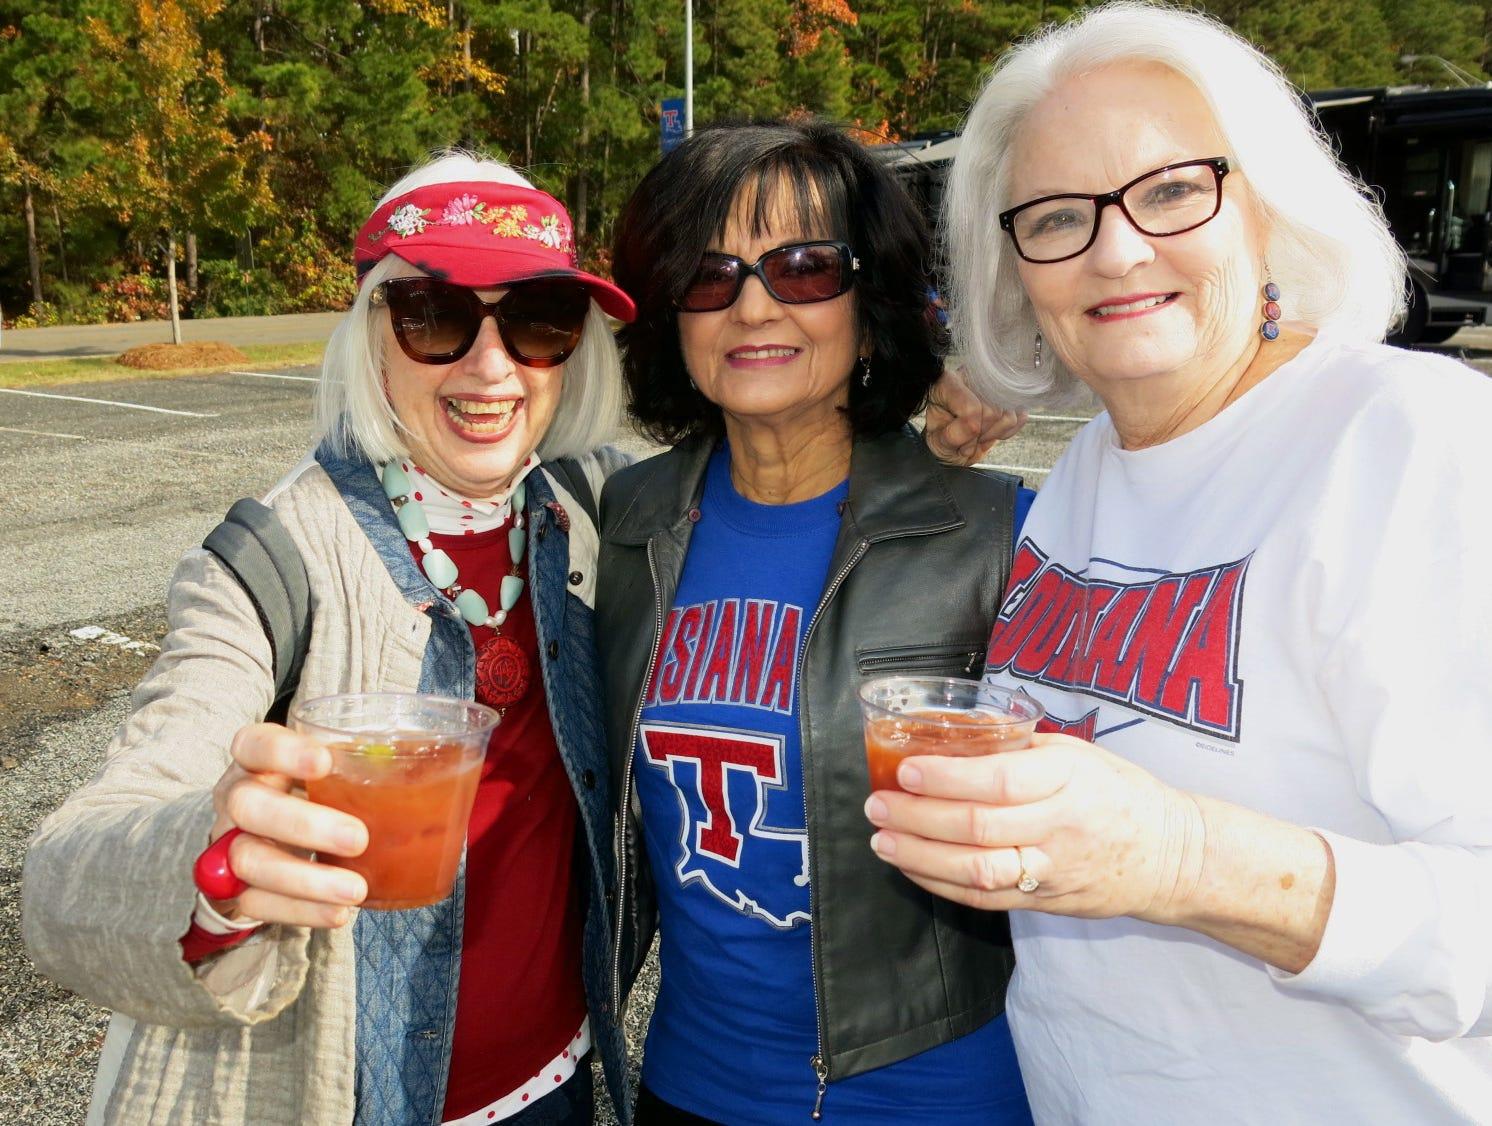 Fan Breakfast Nov. 24 at Louisiana Tech-Western Kentucky football game in Joe Aillet Stadium.